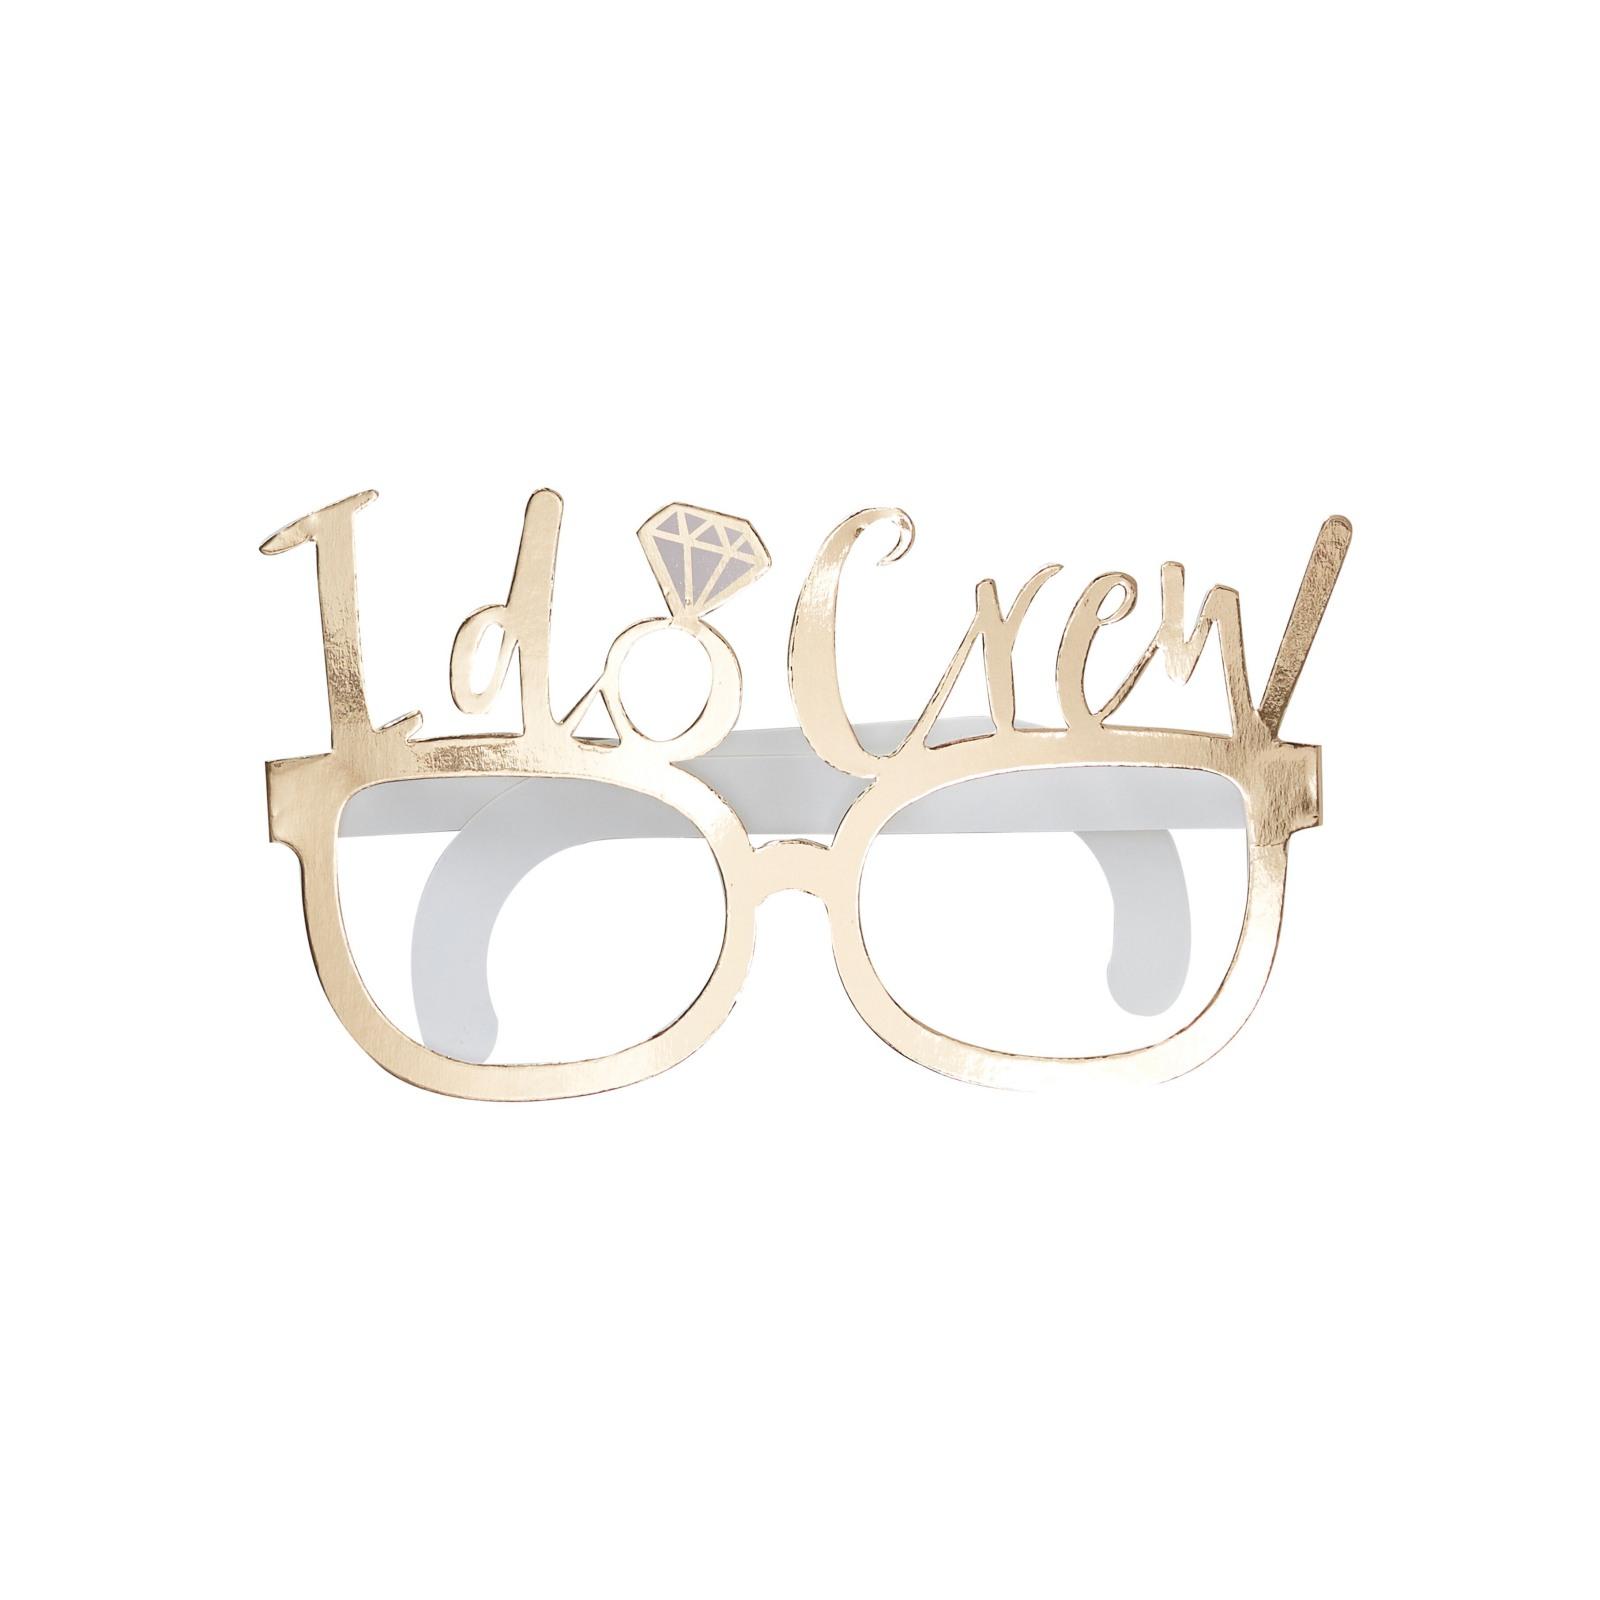 Gold I Do Crew Fun Glasses 10945